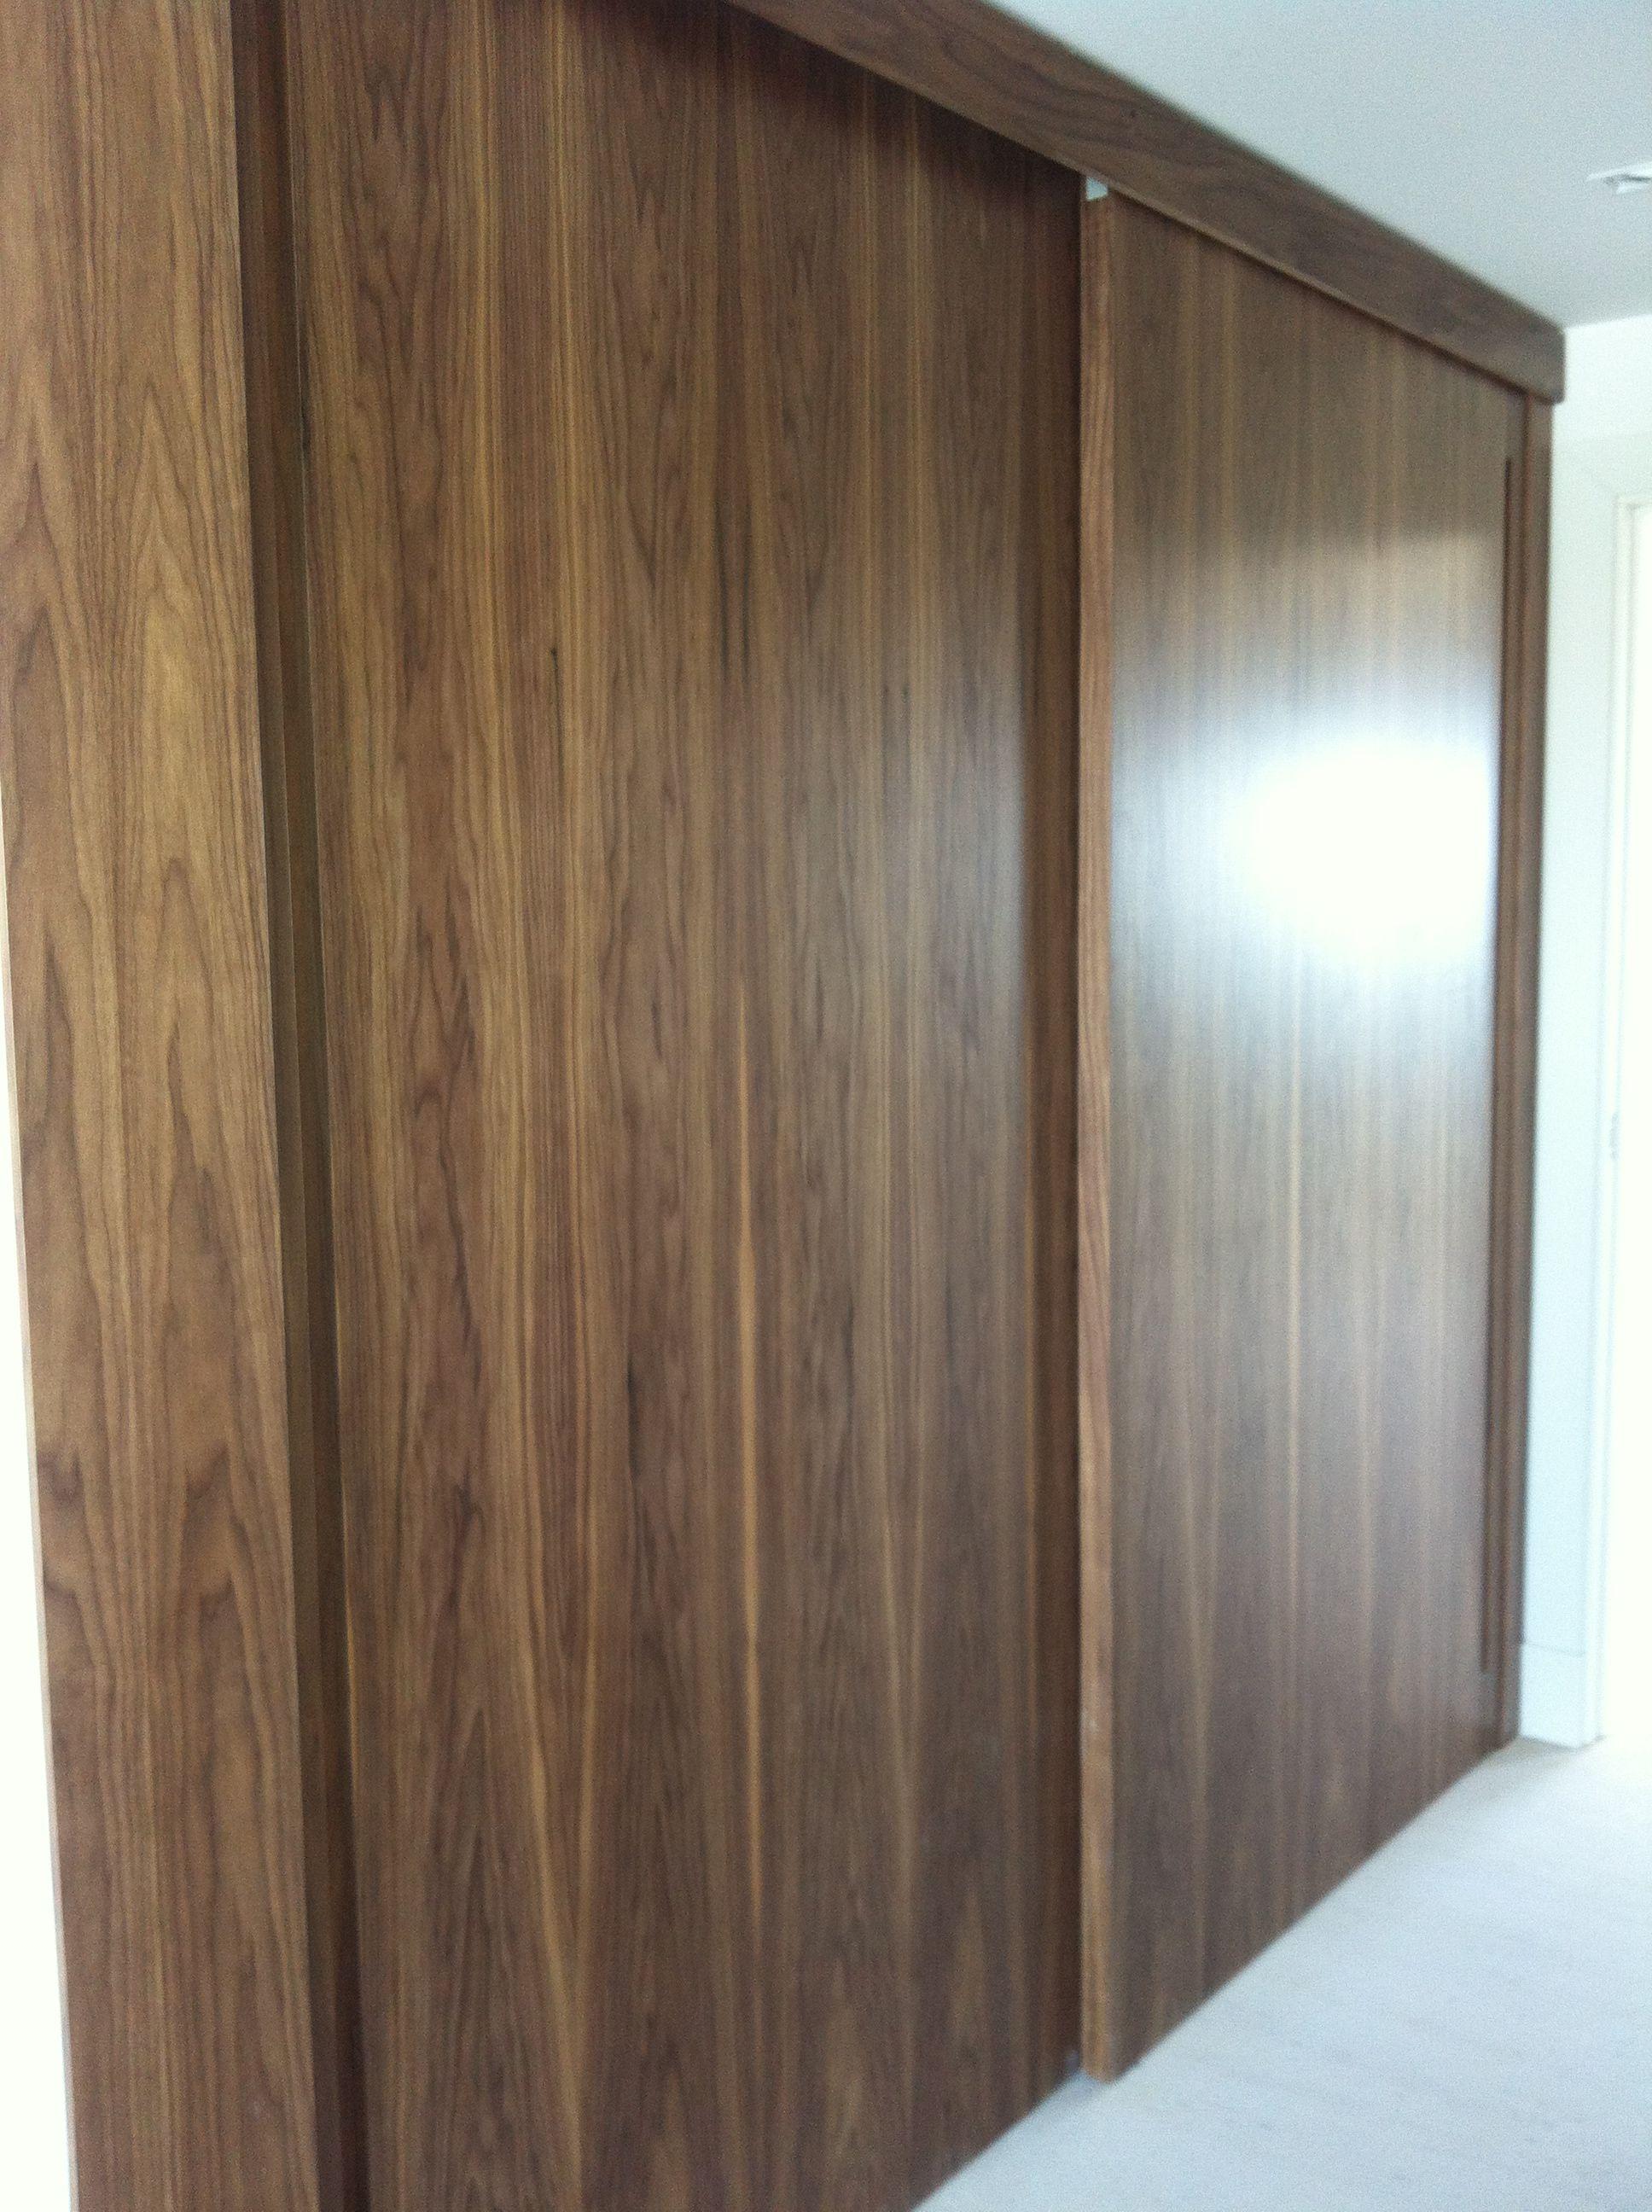 Frente de armario corredera en madera de nogal barnizado - Frente armario corredera ...